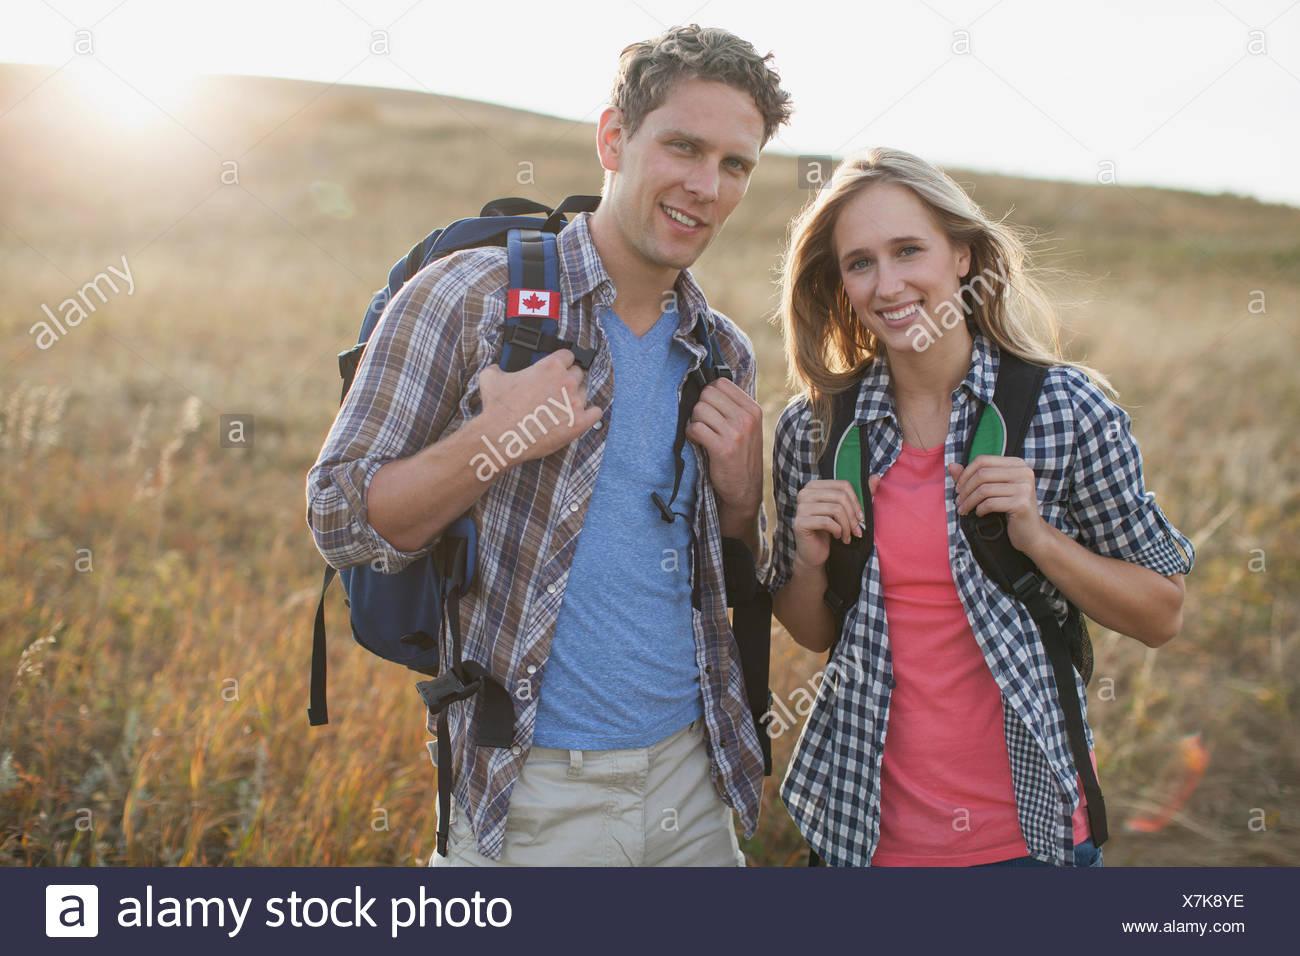 Coppia attraente con zaini in campo. Immagini Stock